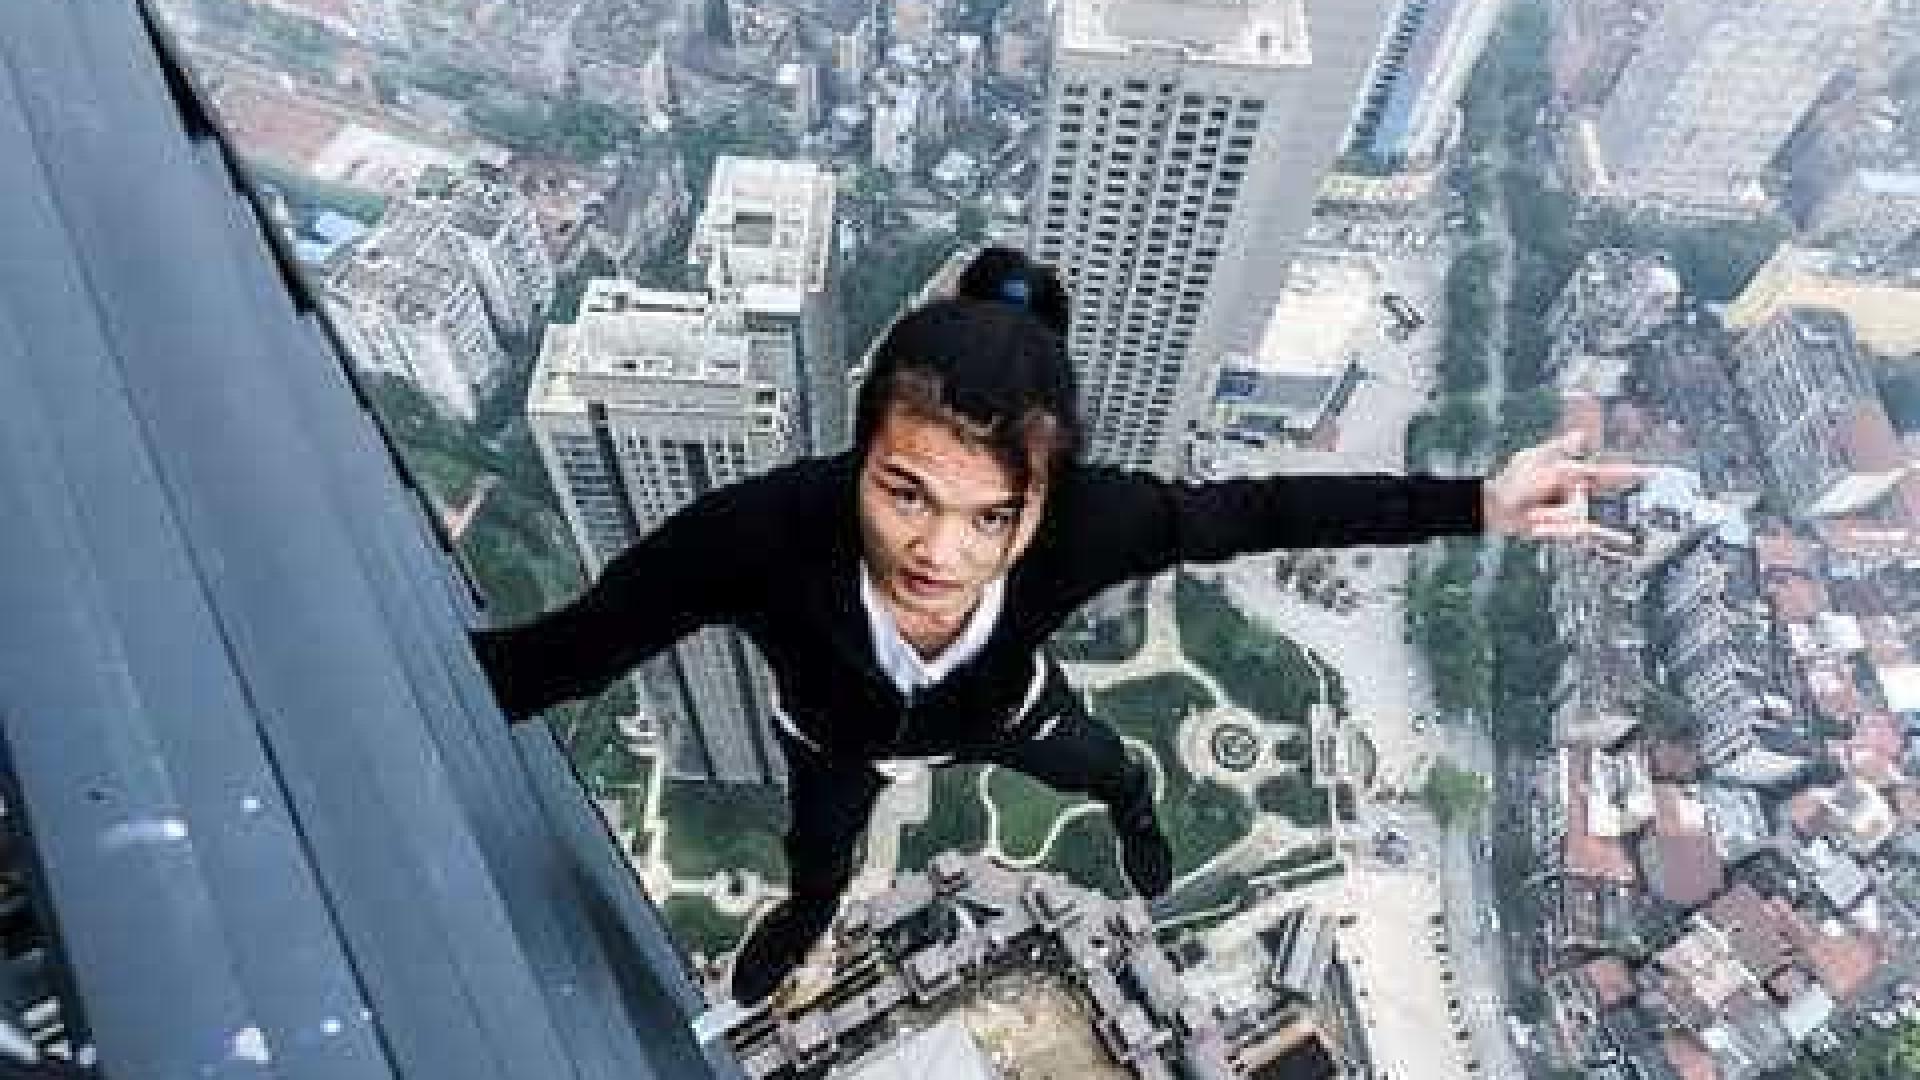 Blogueiro filma a própria morte em queda de arranha-céu